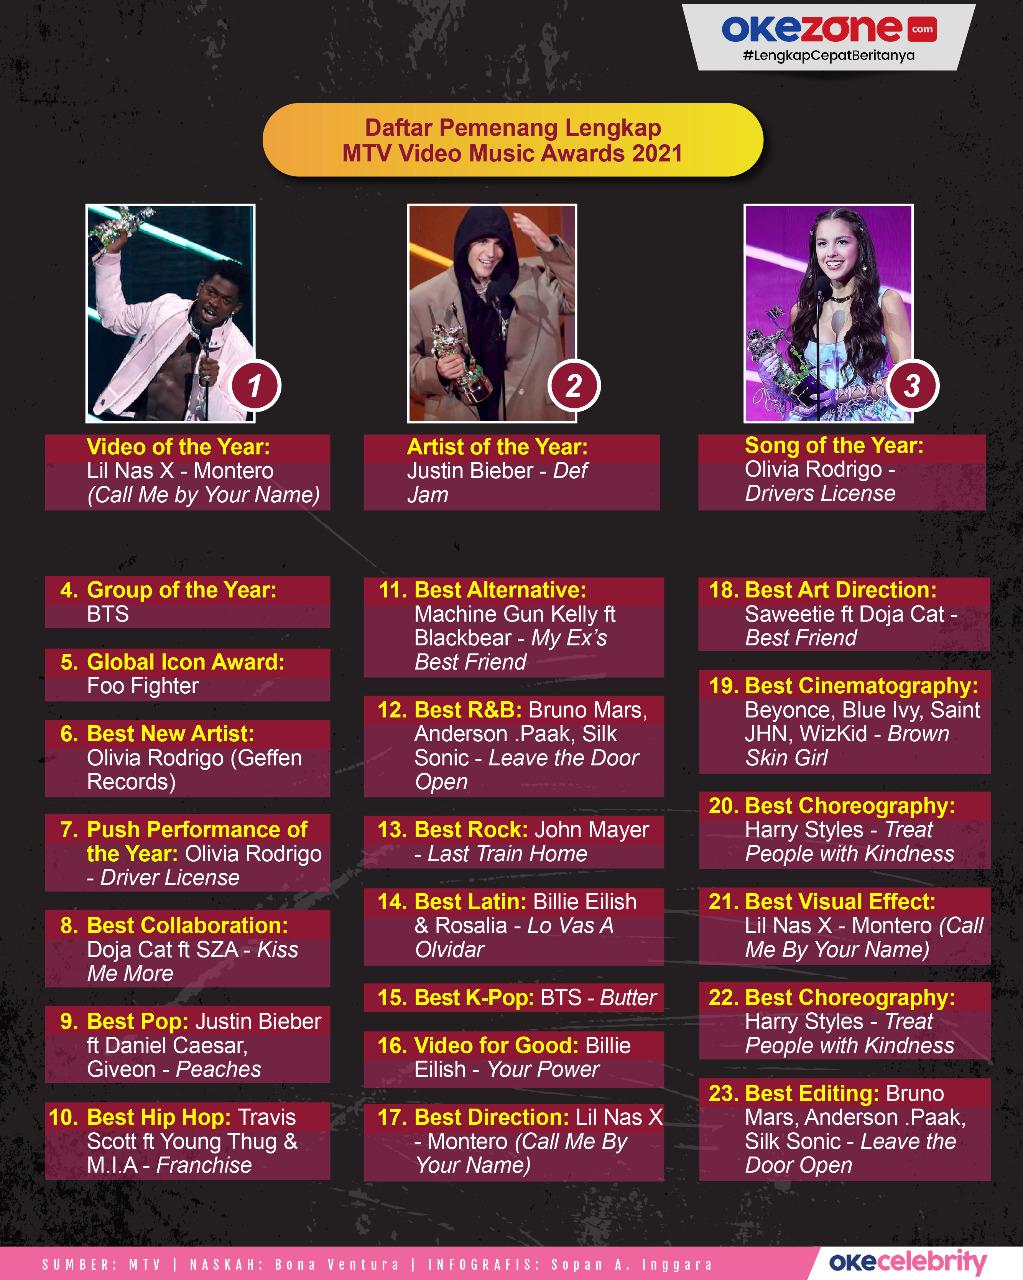 Daftar Lengkap Pemenang MTV Video Music Awards 2021 -